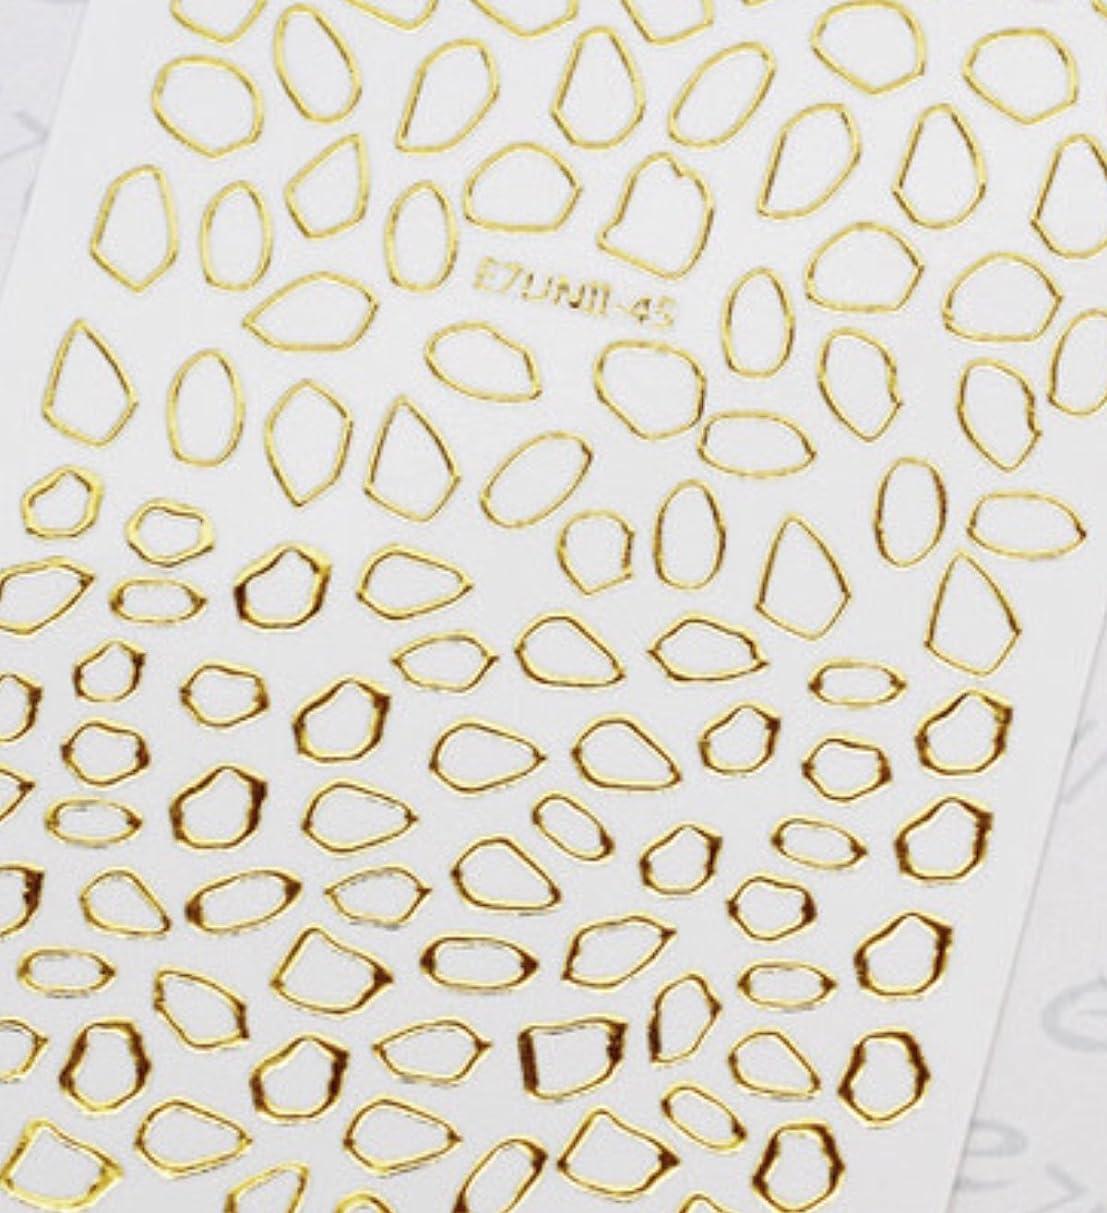 容量免除する厚い極薄直接貼るタイプ ネイルシール スティッカー 枠 変形フレーム 垂らしこみアート用 多種多様なデザインに対応可能 ゴールド 金色 45番